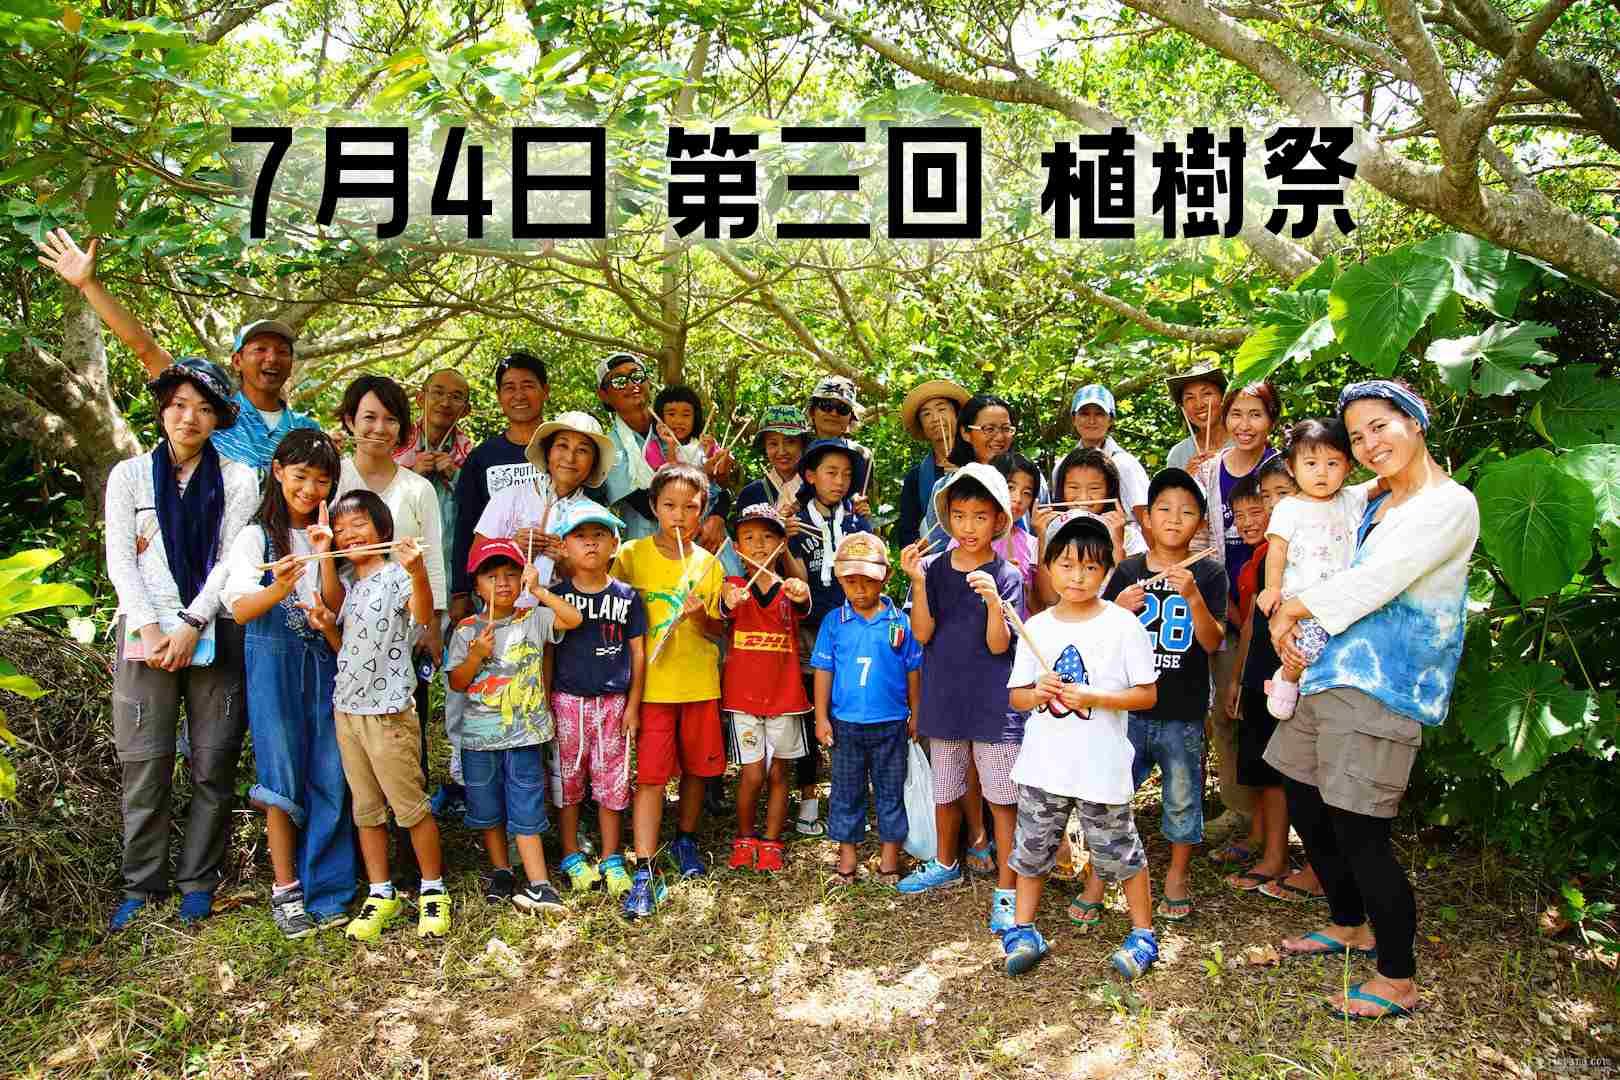 石垣島 第三回 植樹祭